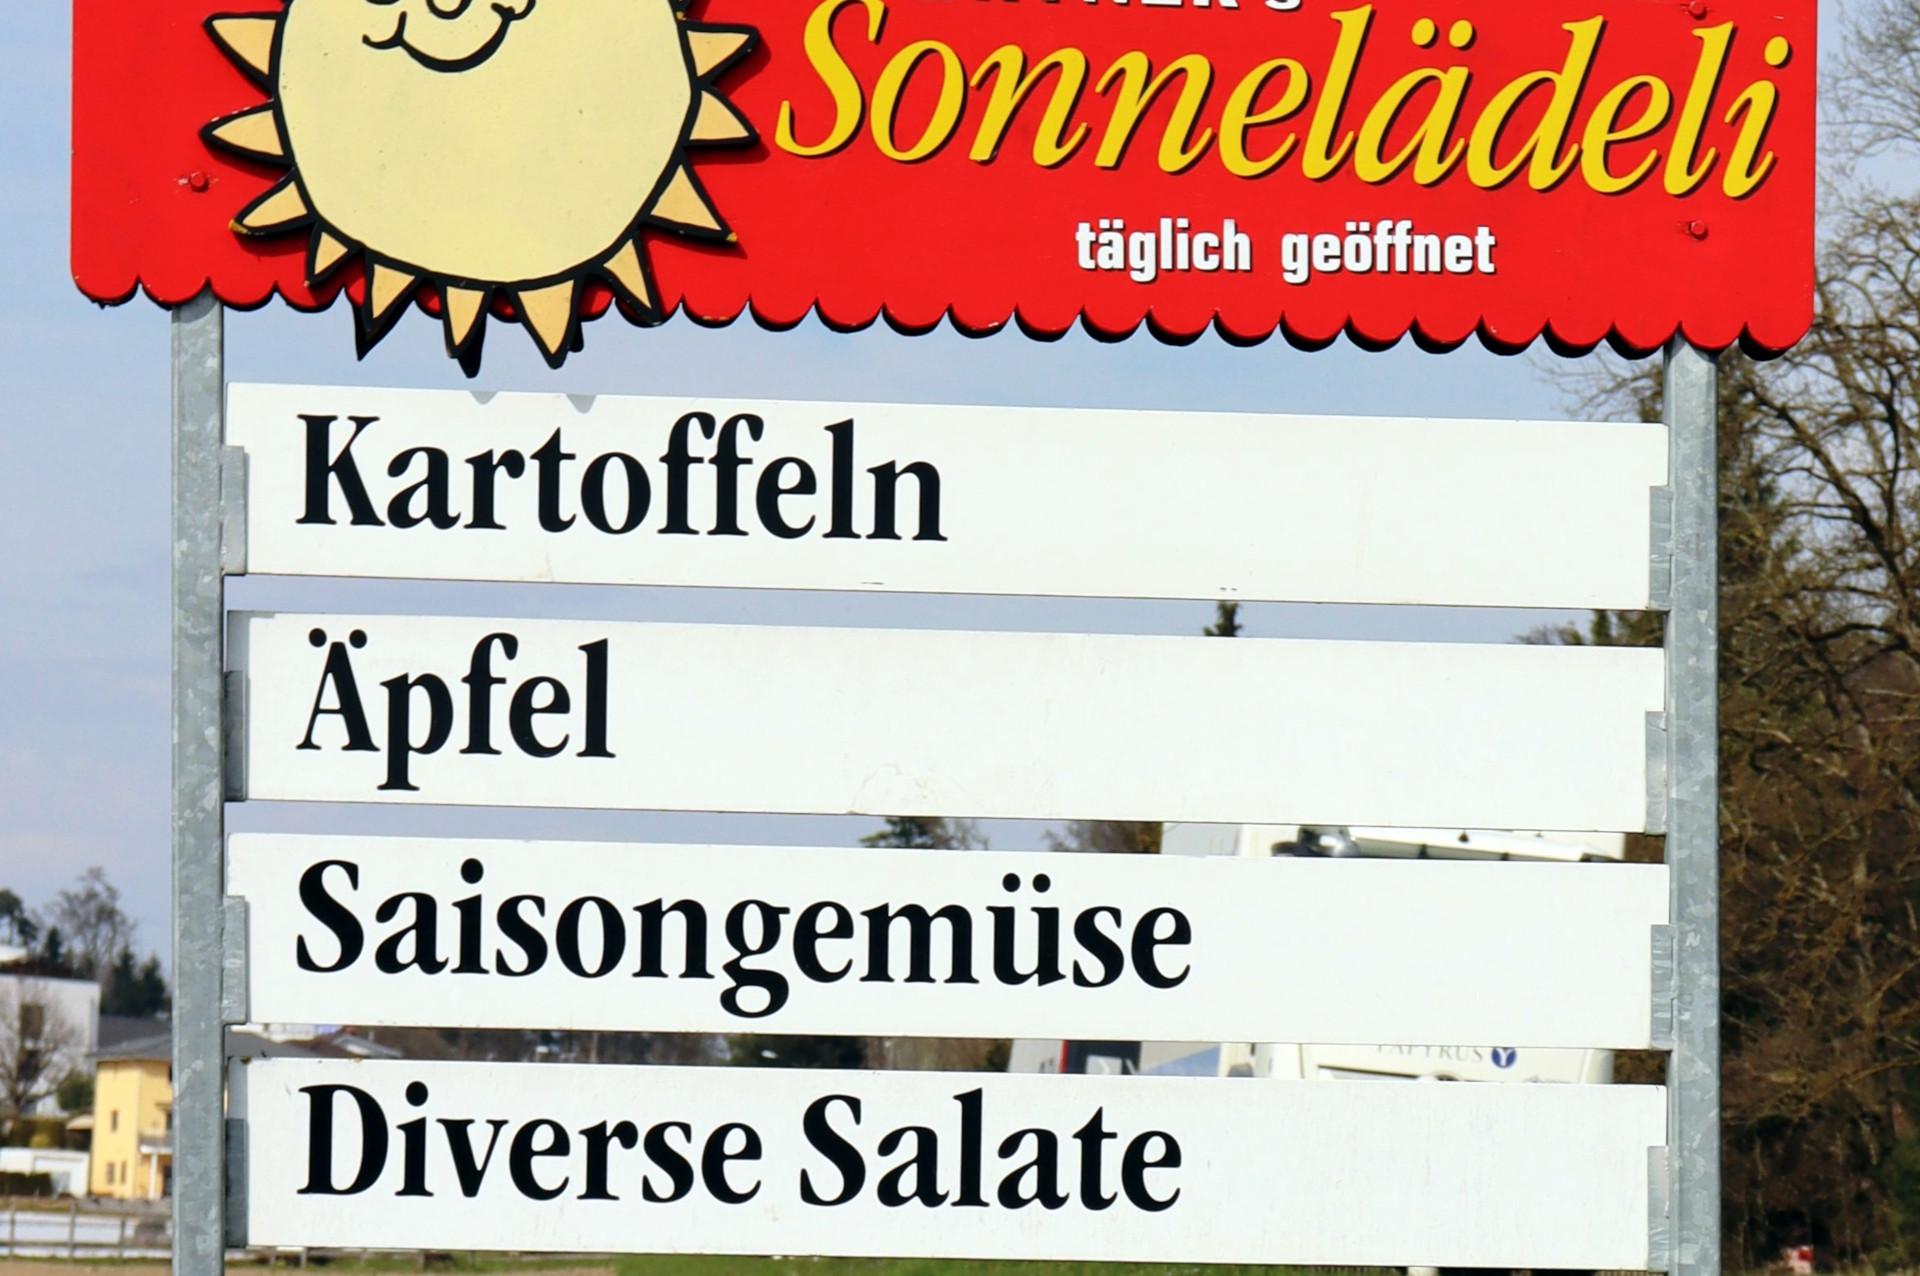 Foto: Verkaufstafeln von Hofläden